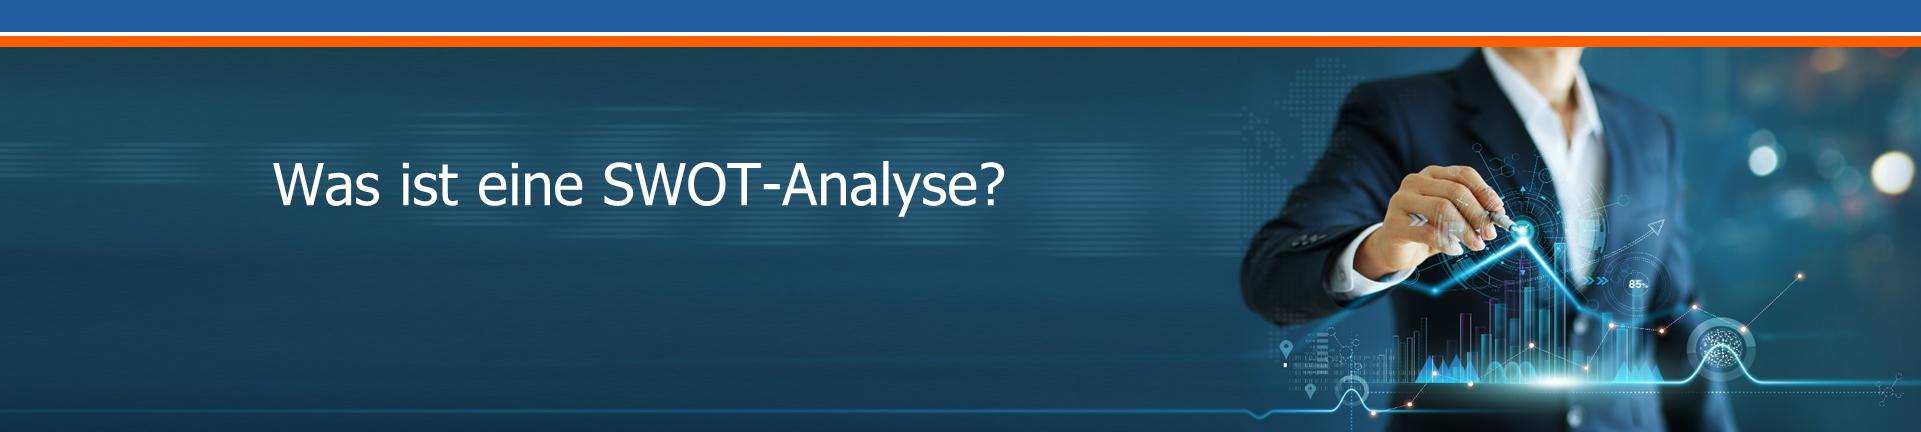 was-ist-eine-swot-analyse-header